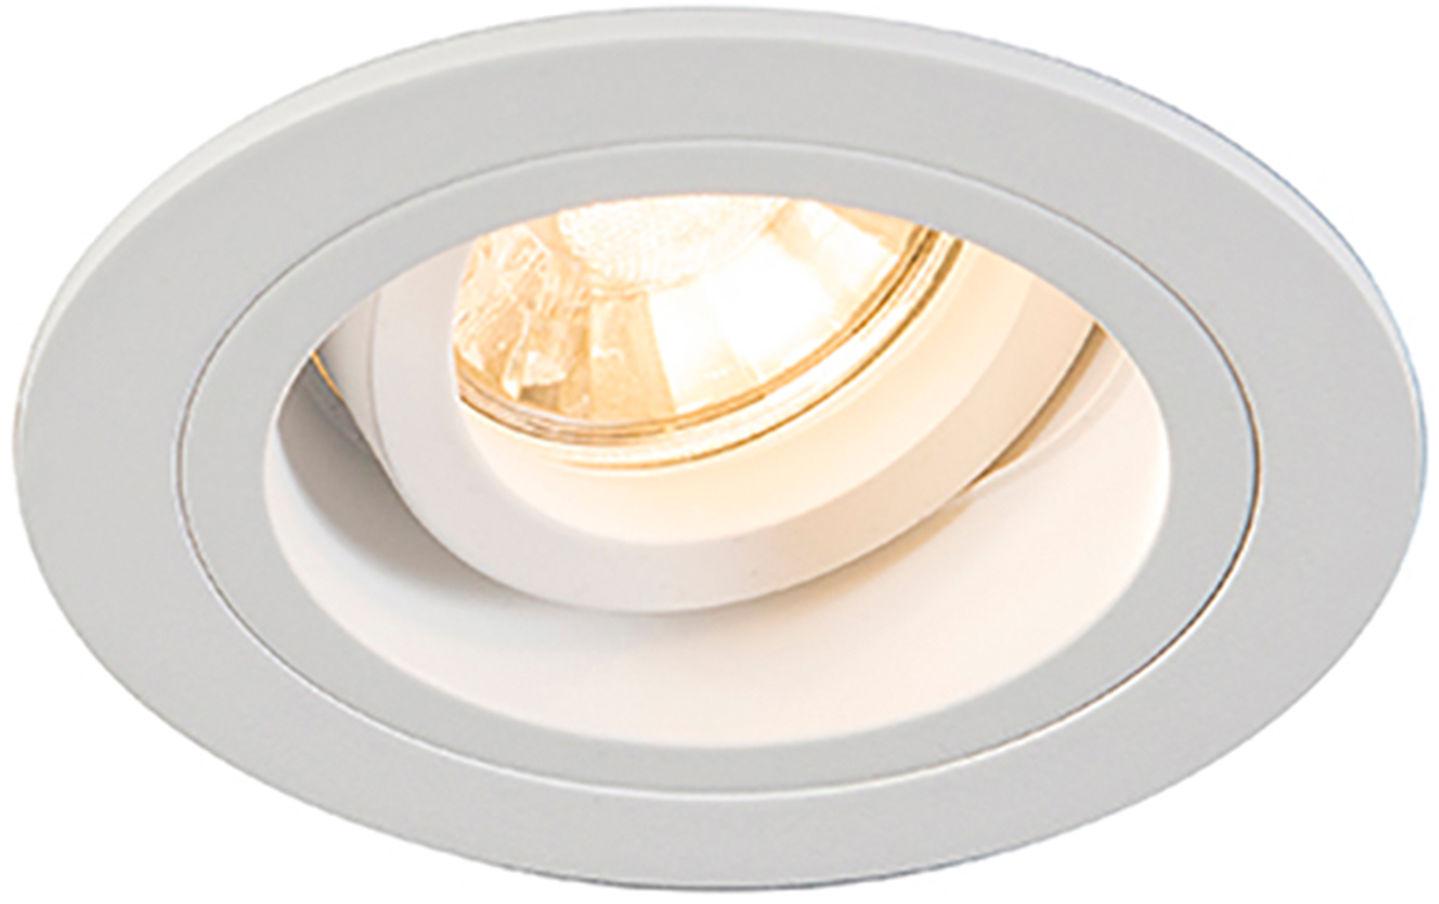 Zuma Line 92699 CHUCK DL ROUND oprawa oświetleniowa wpuszczana podtynkowa biała GU10 9,2cm